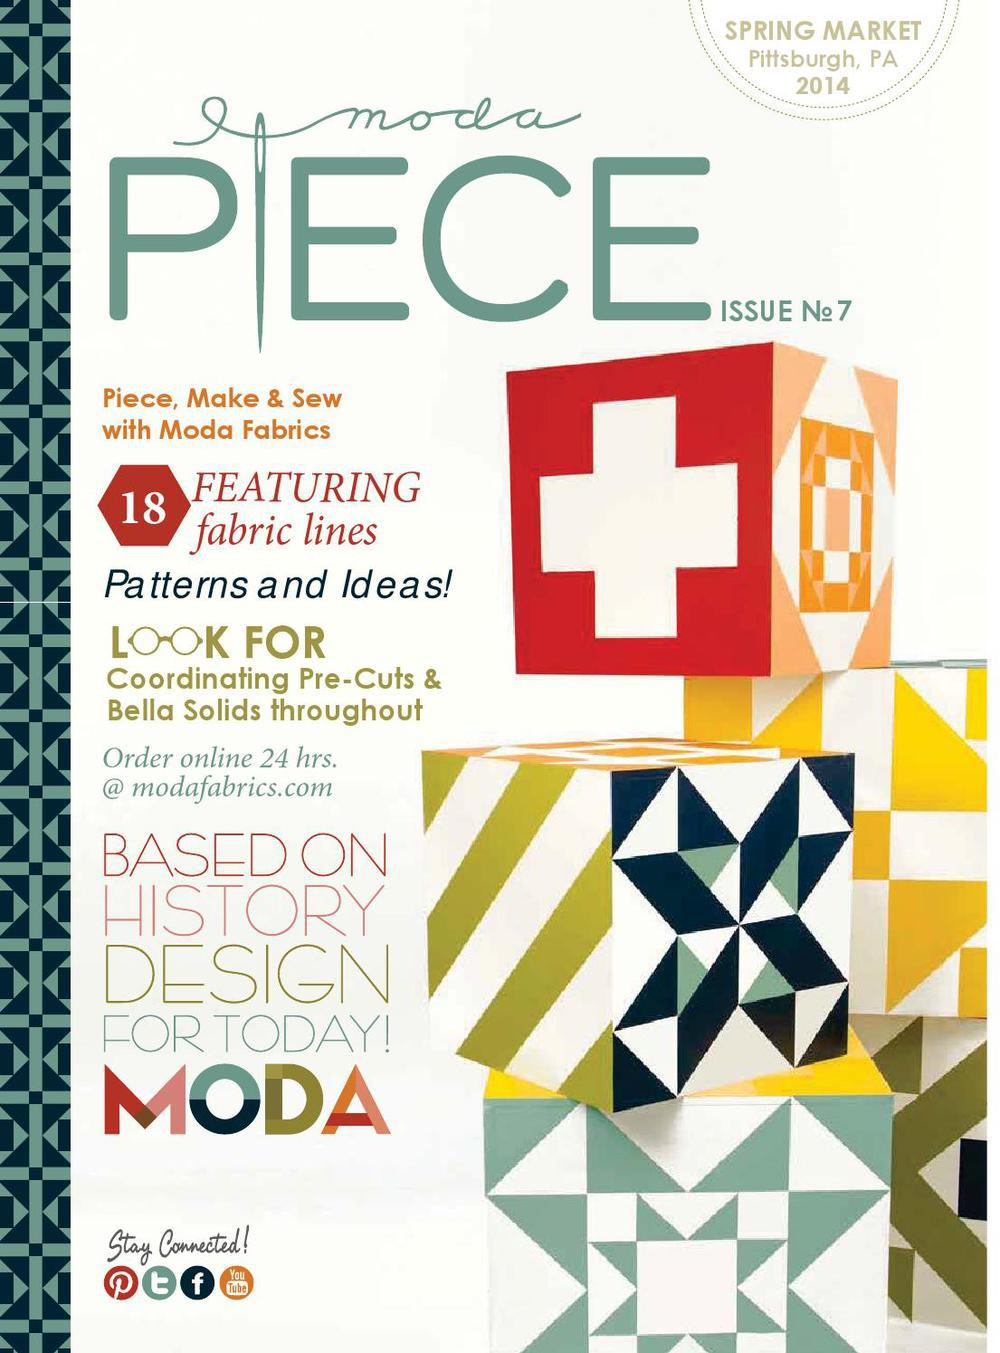 Fabrics Designer Online Fabric Design Book Price